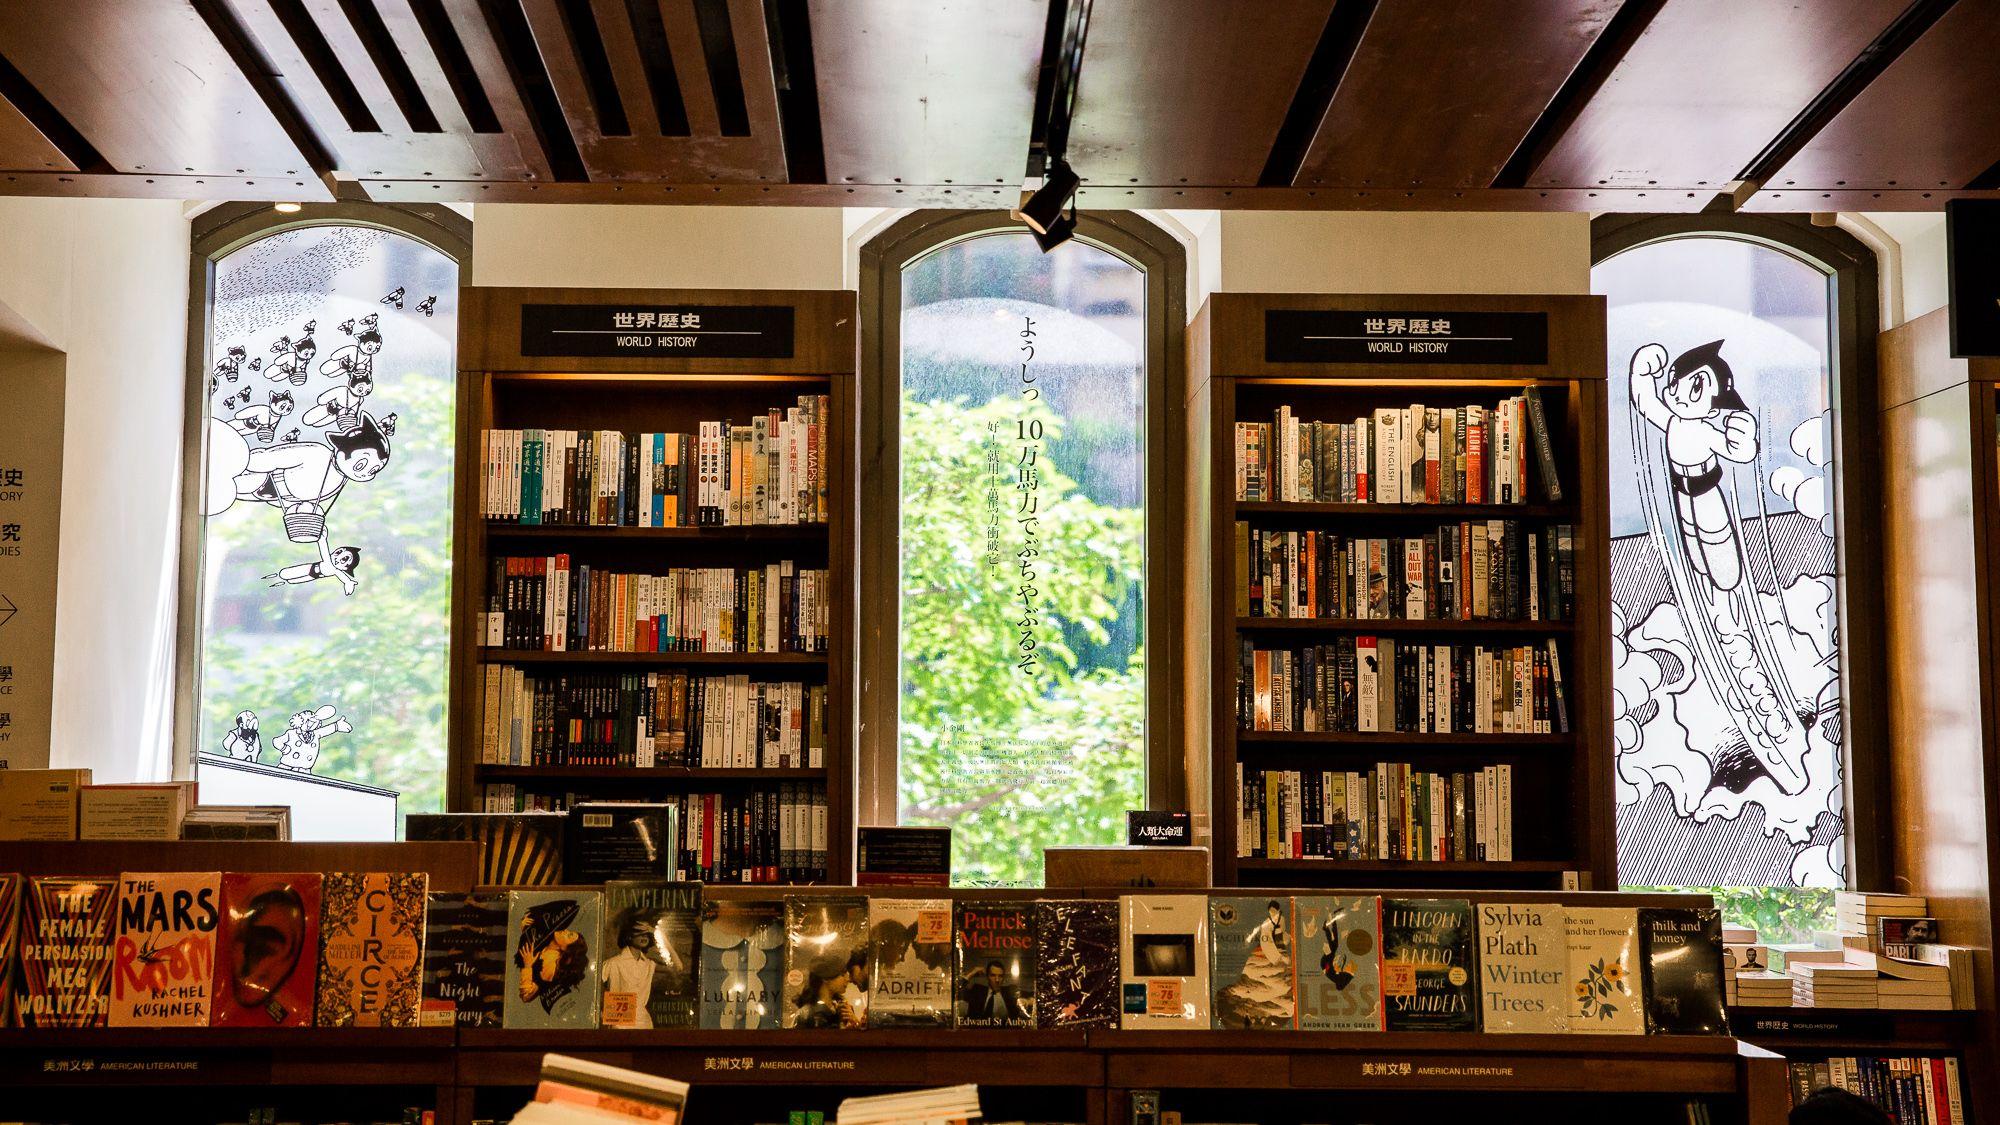 世界閱讀日經典回憶:每個人心中都有一家24小時書店!誠品敦南店熄燈倒數!